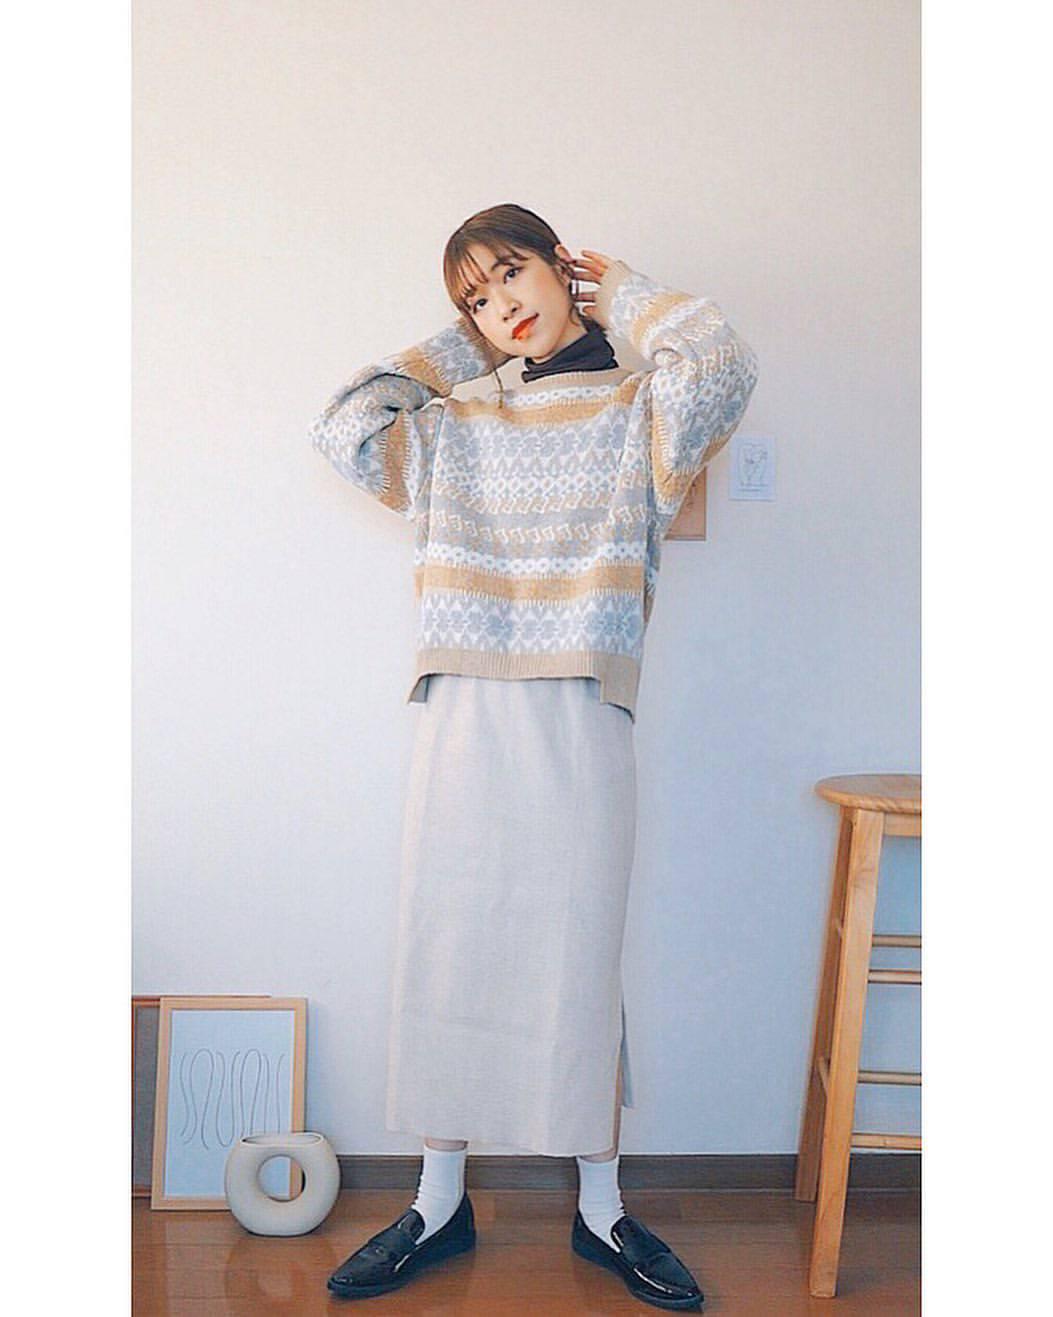 最高気温11度・最低気温3度 natsu_outfitsの服装